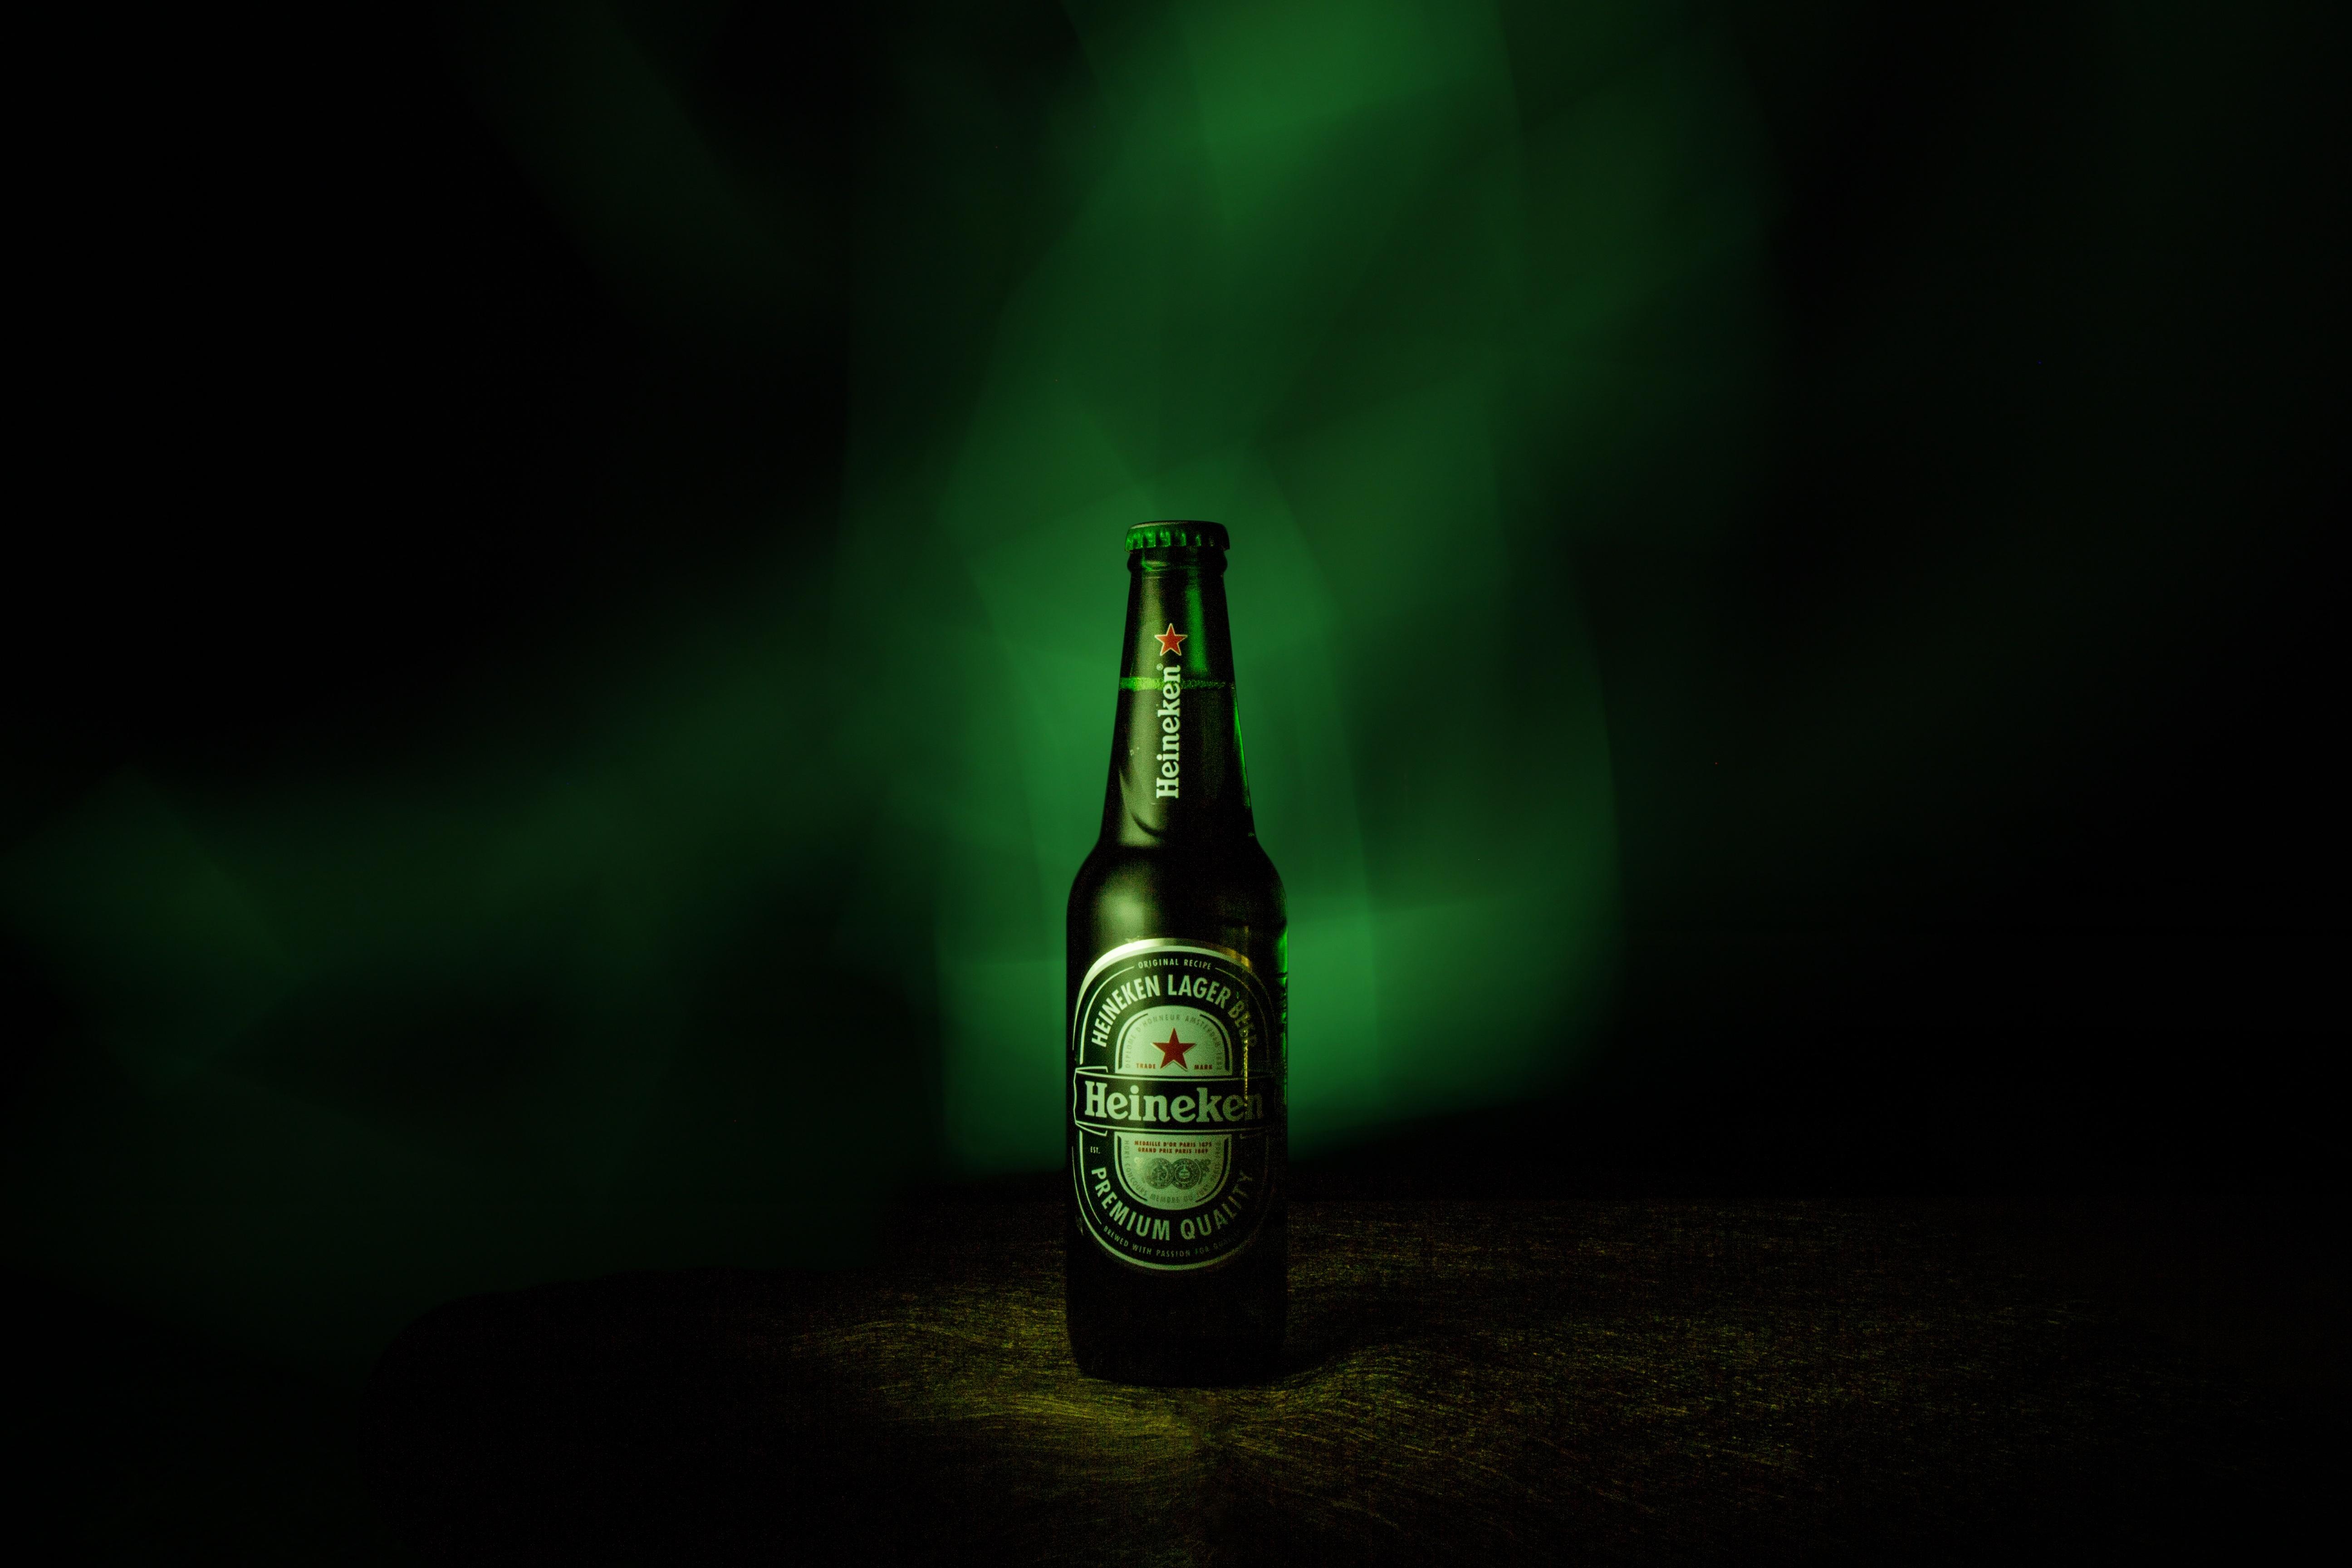 Картинка бутылка пива на столе